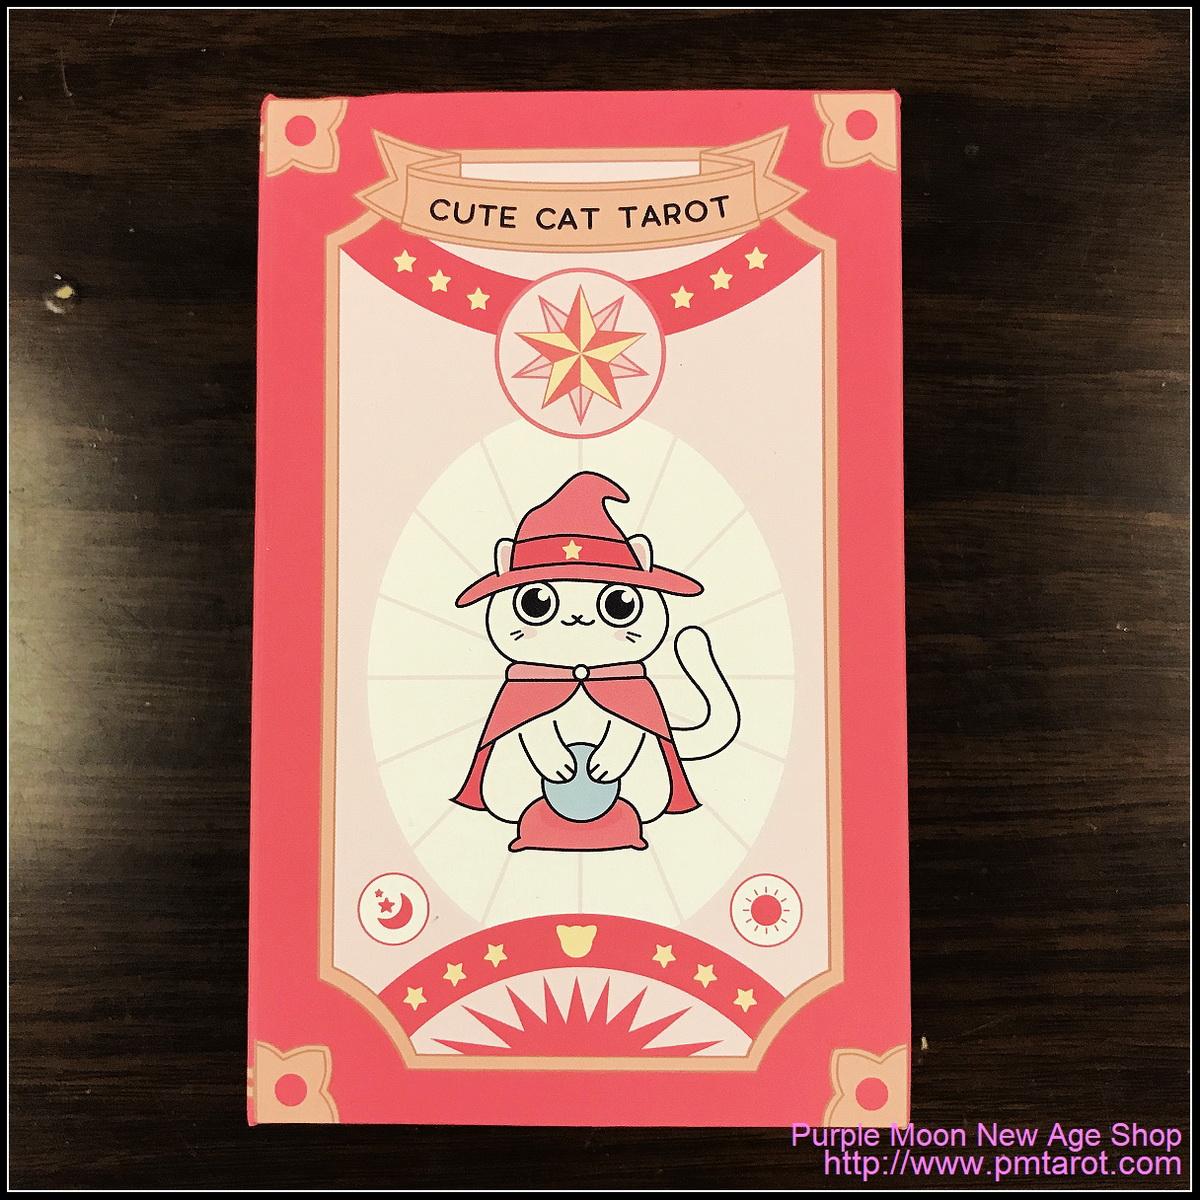 Cute Cat Tarot